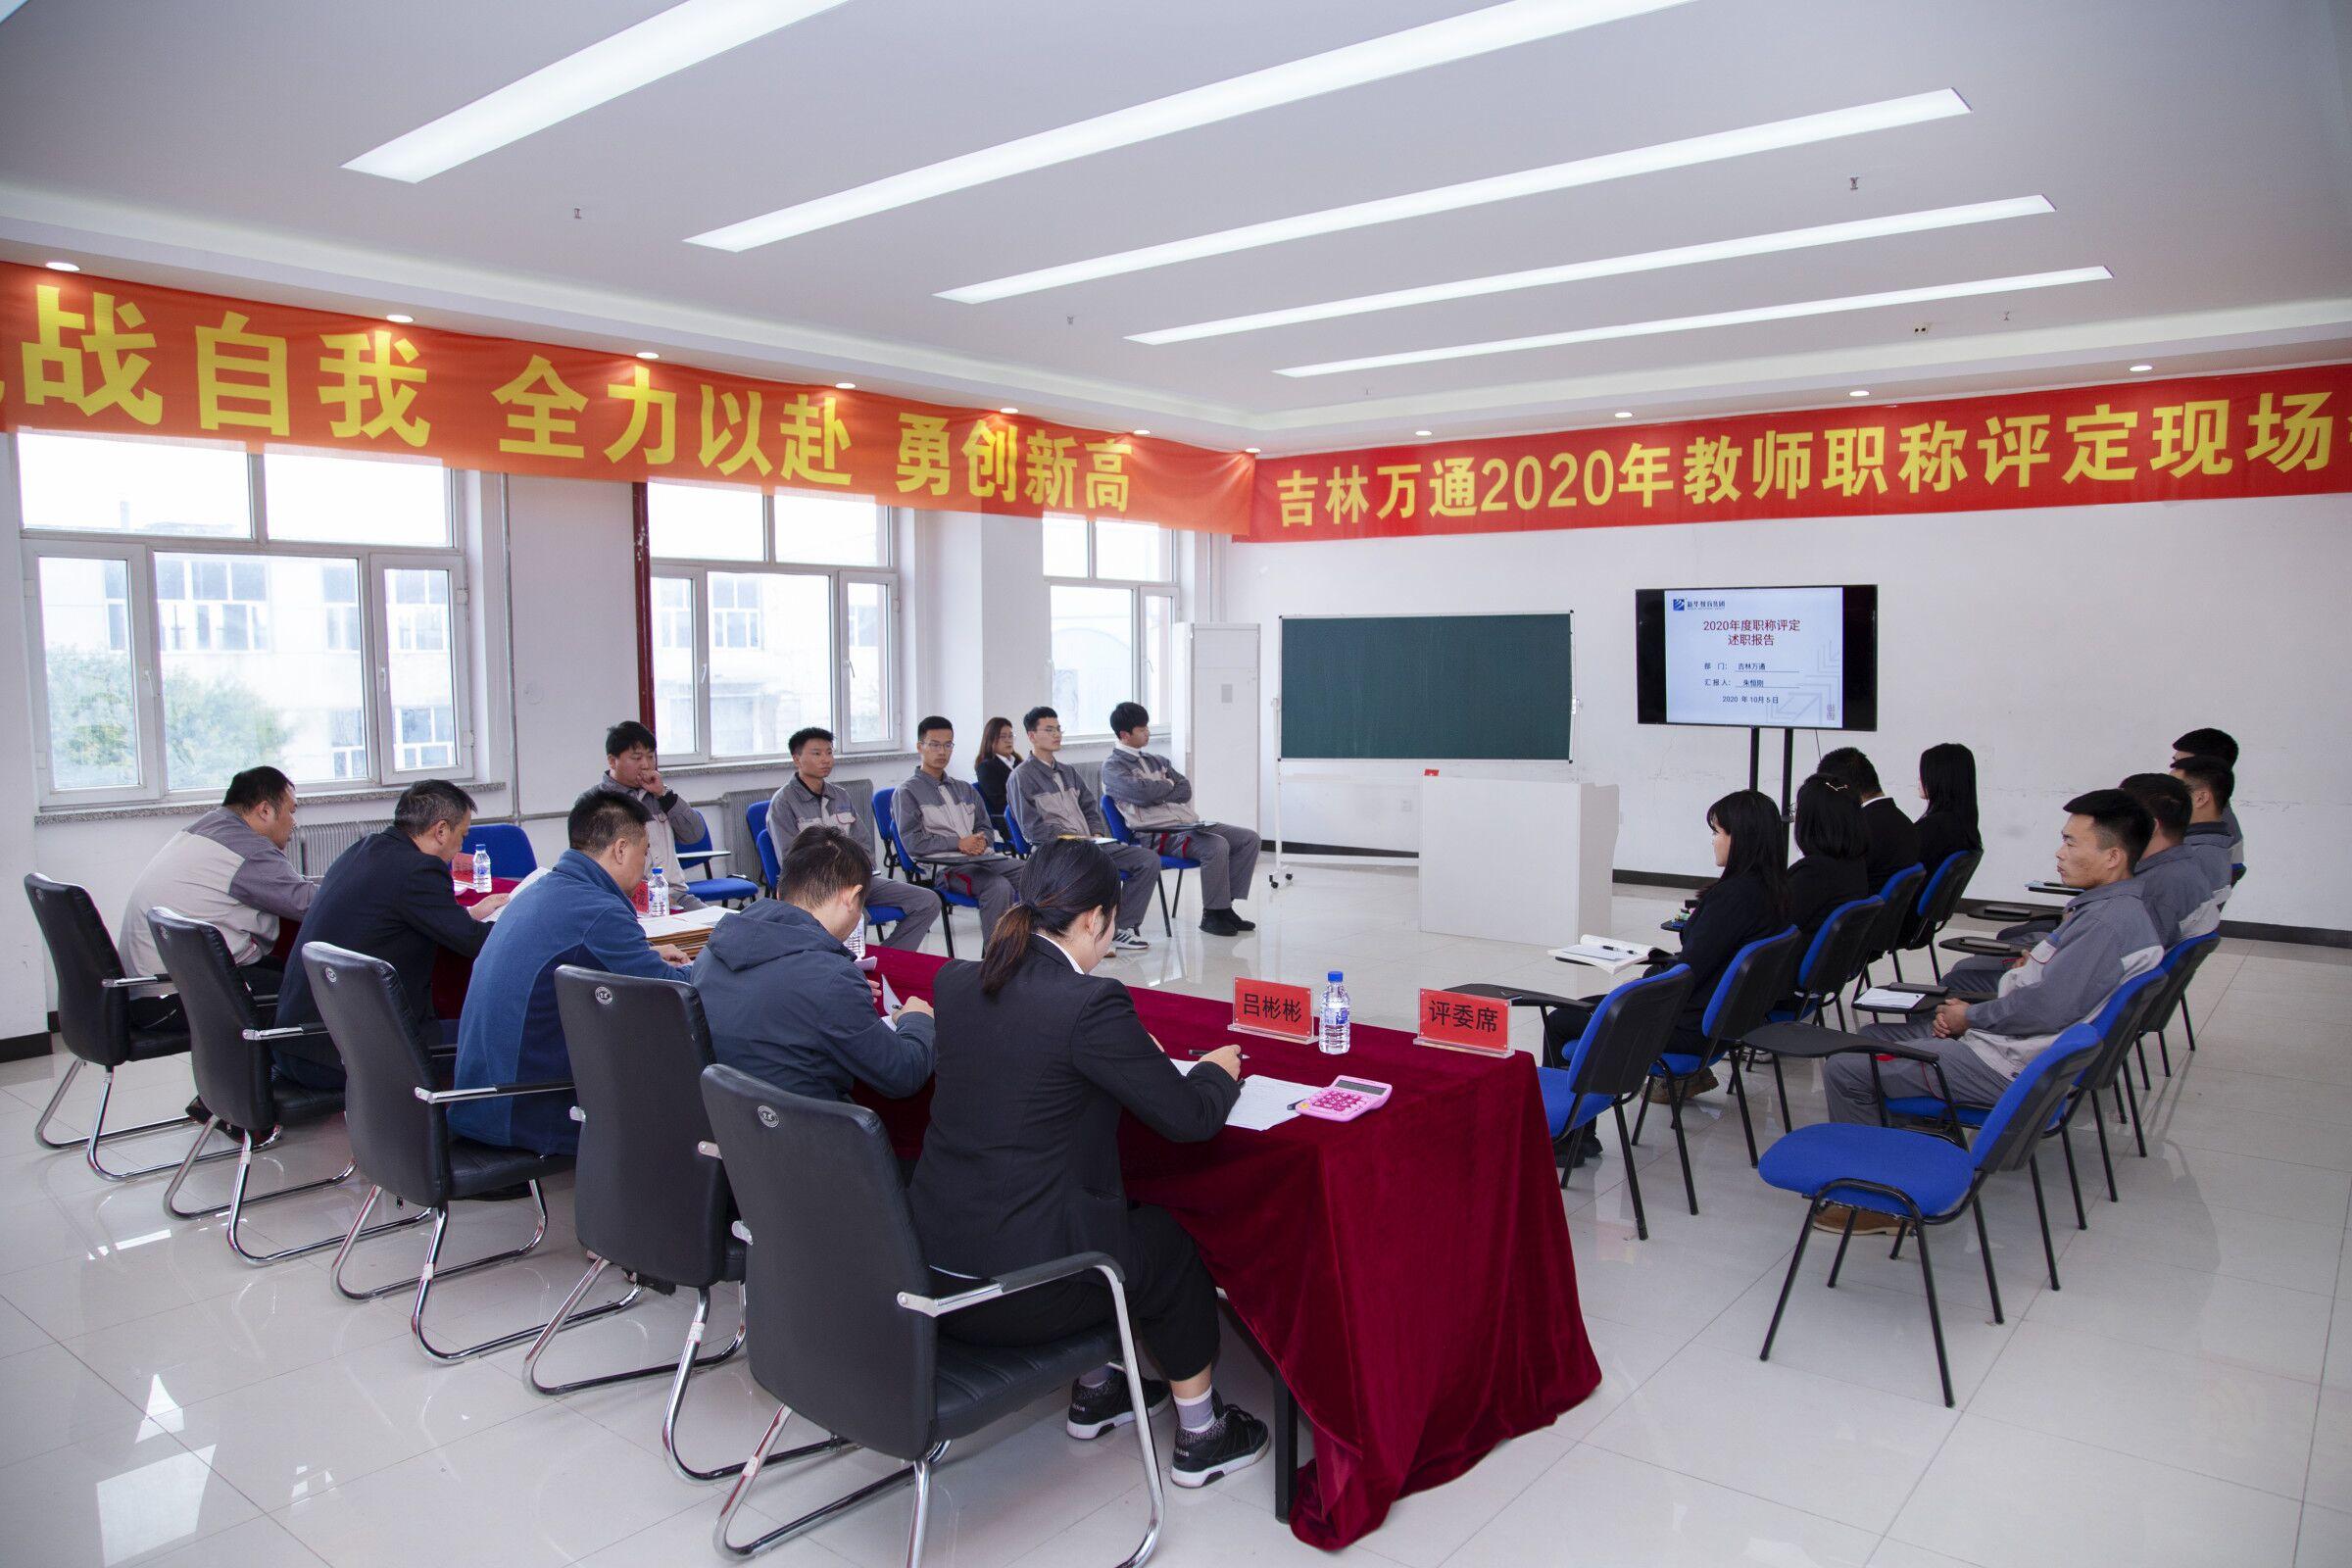 吉林省ballbetbeibo贝博技工学校2020年教师职称评定圆满结束